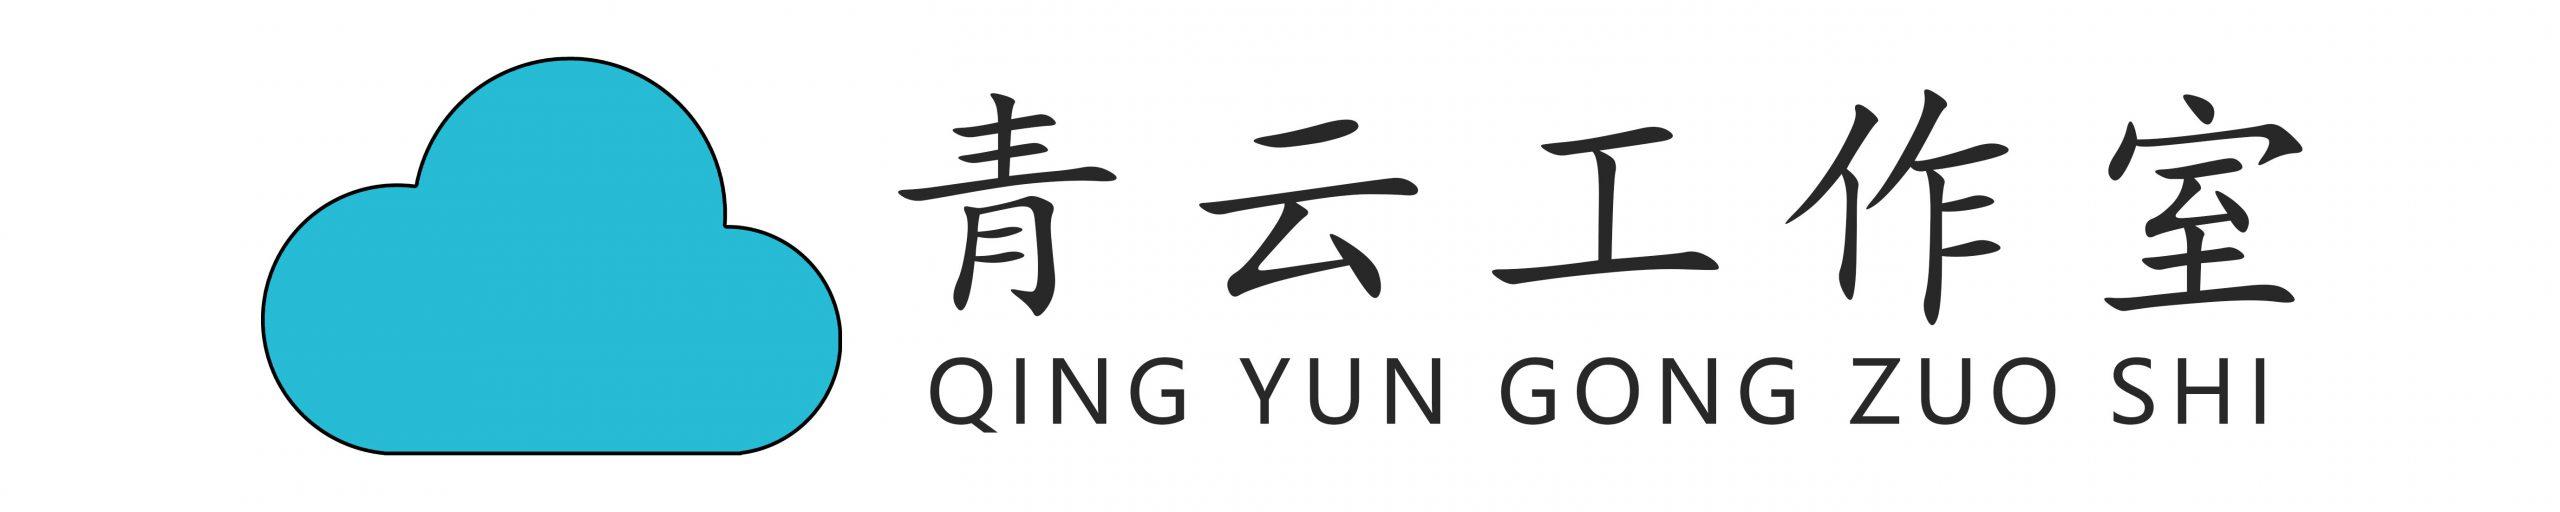 青云工作室的logo